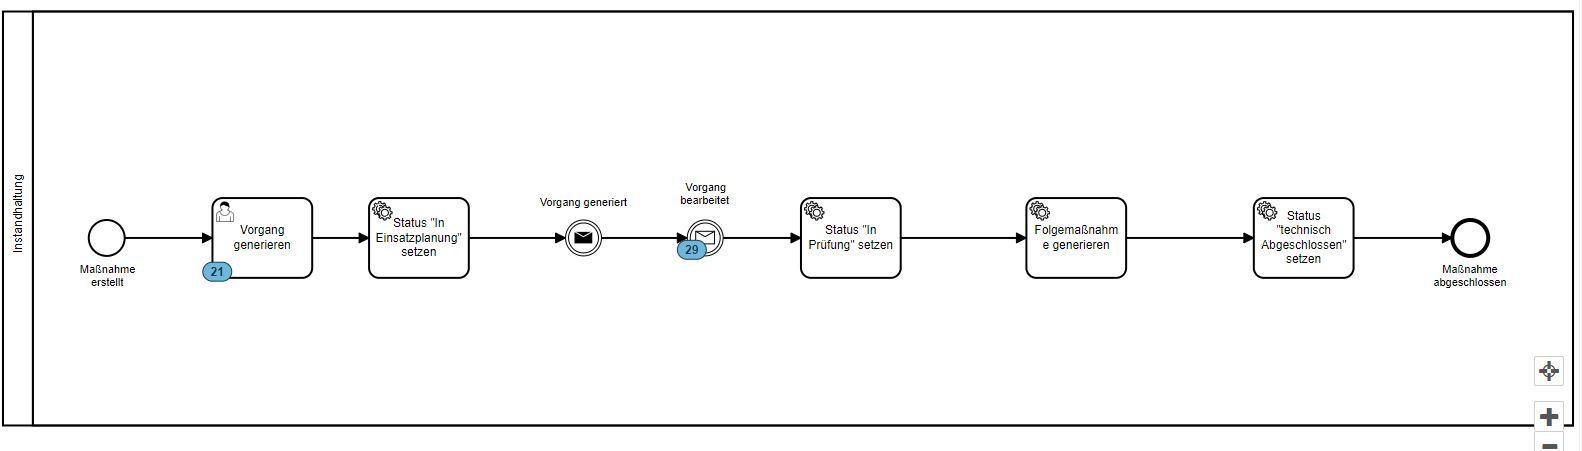 Instandhaltungsmanagement - Workflow